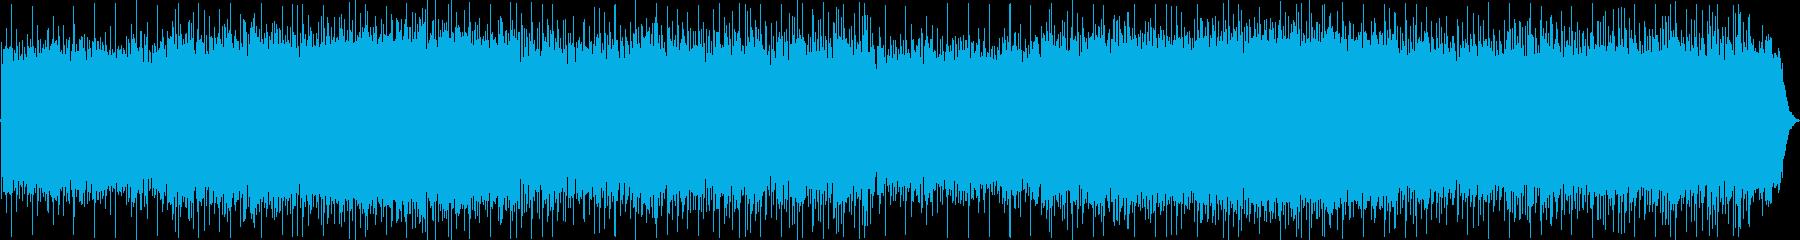 ニューエイジ、ボイスパッド、静かな...の再生済みの波形